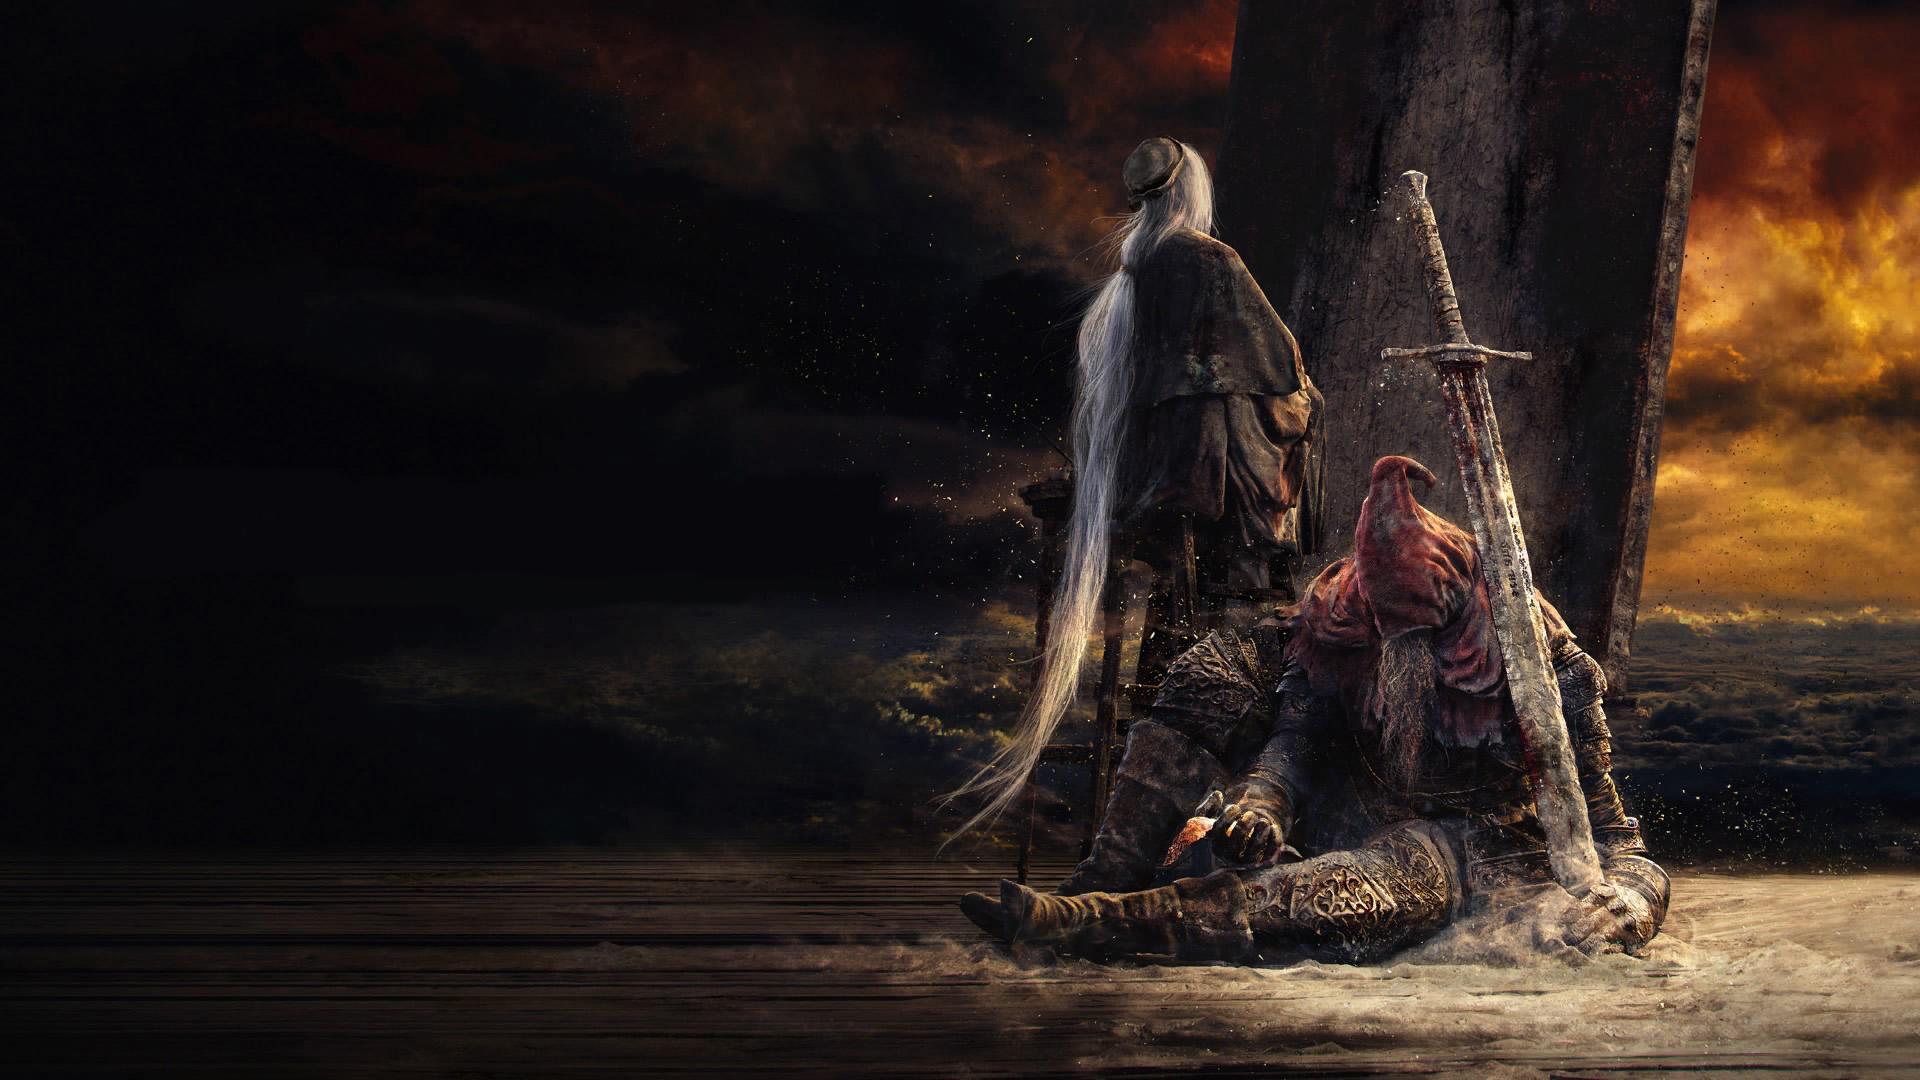 Wallpaper : Dark Souls III, The Painter